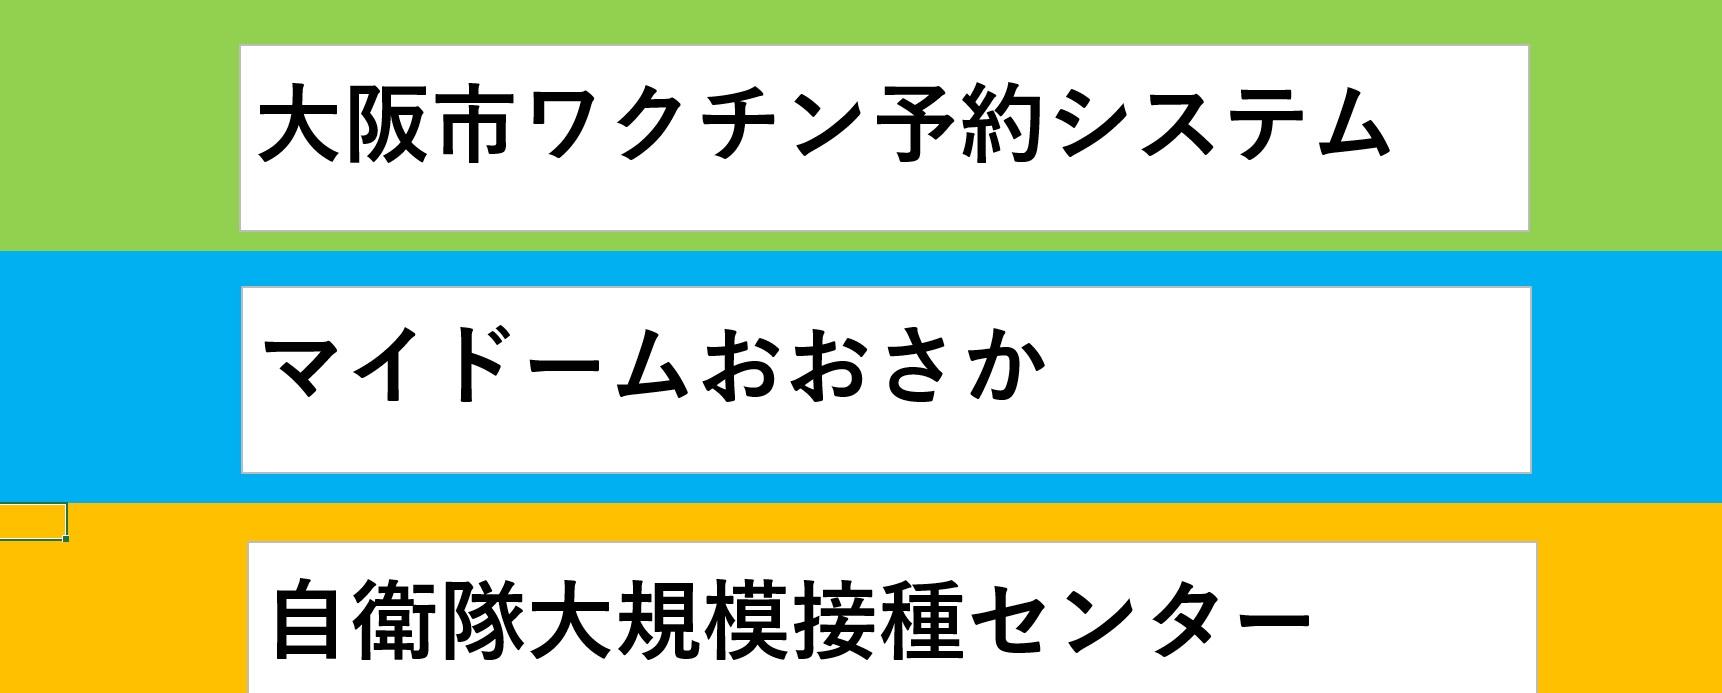 wakuchin_osaka_0926_2.jpg